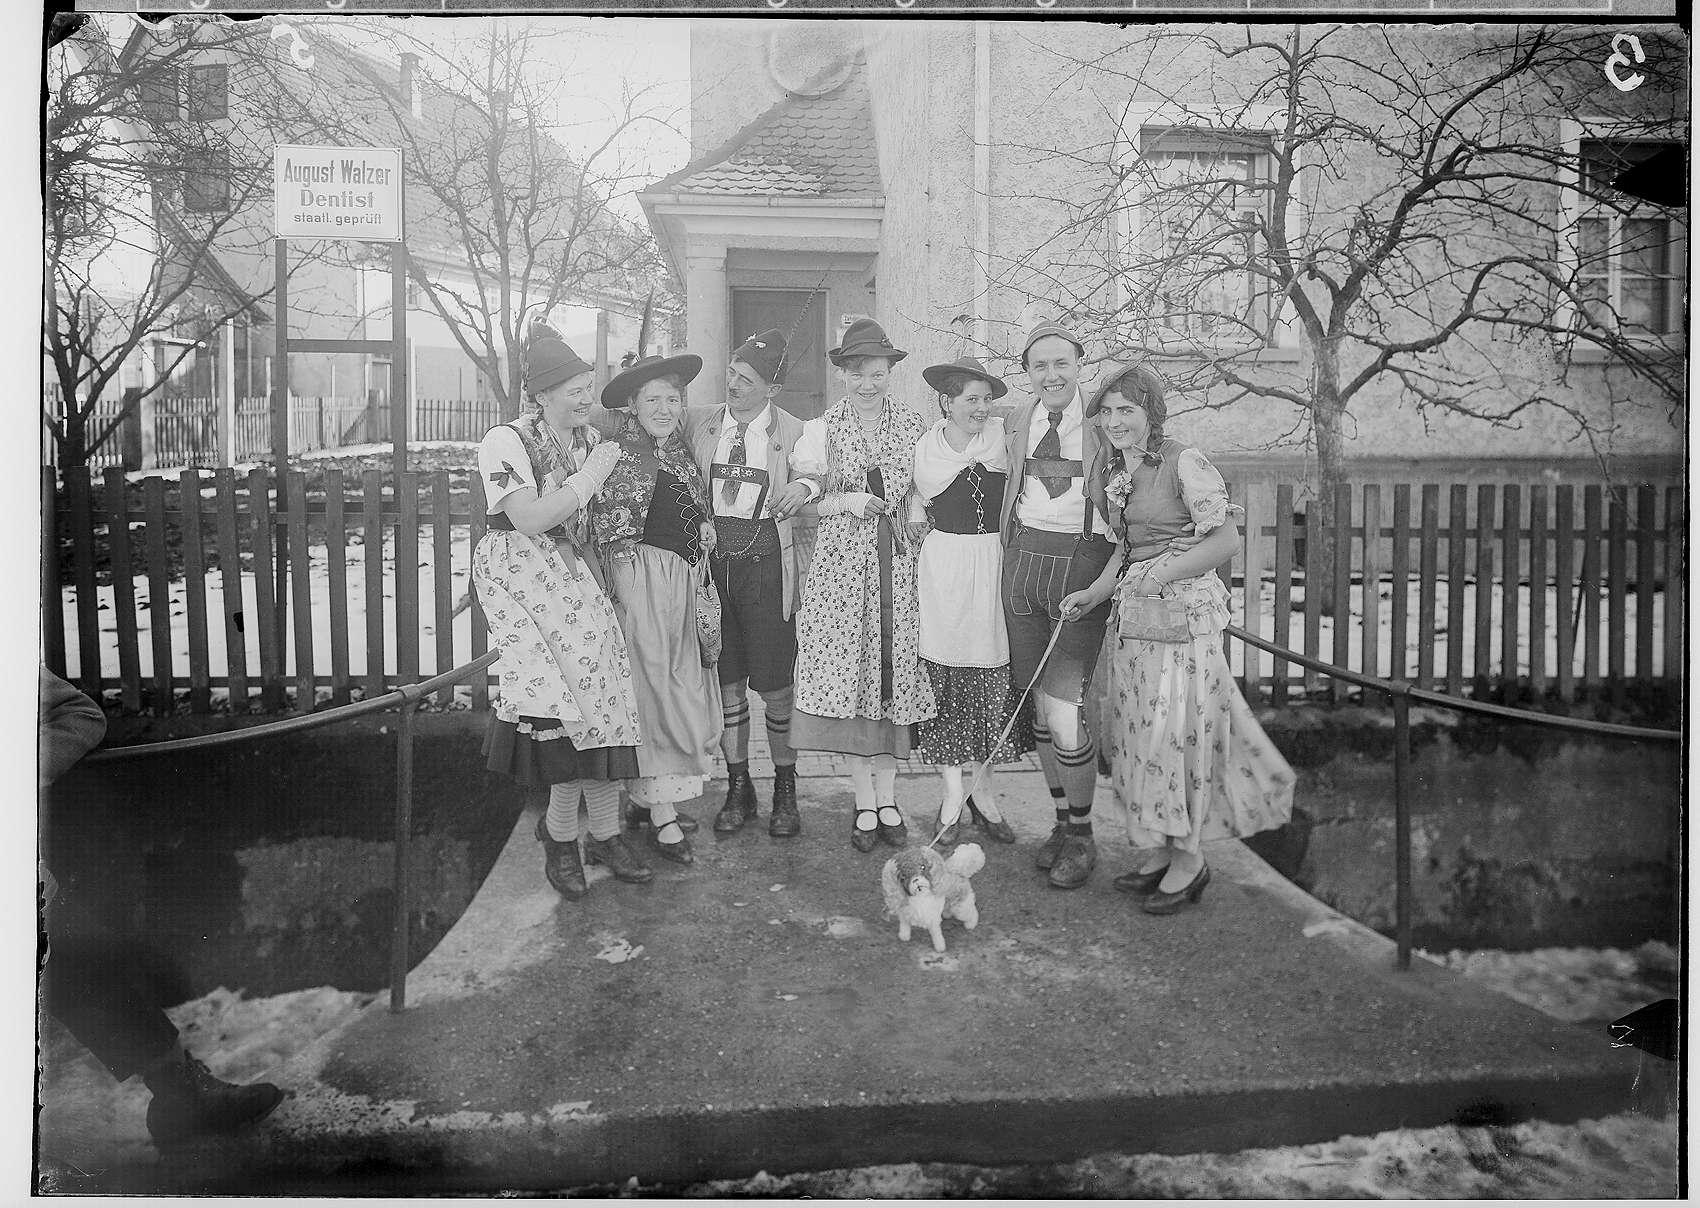 Fasnacht Krauchenwies 1934; Sieben Narren vor dem Haus des Dentisten August Walzer, Bild 1